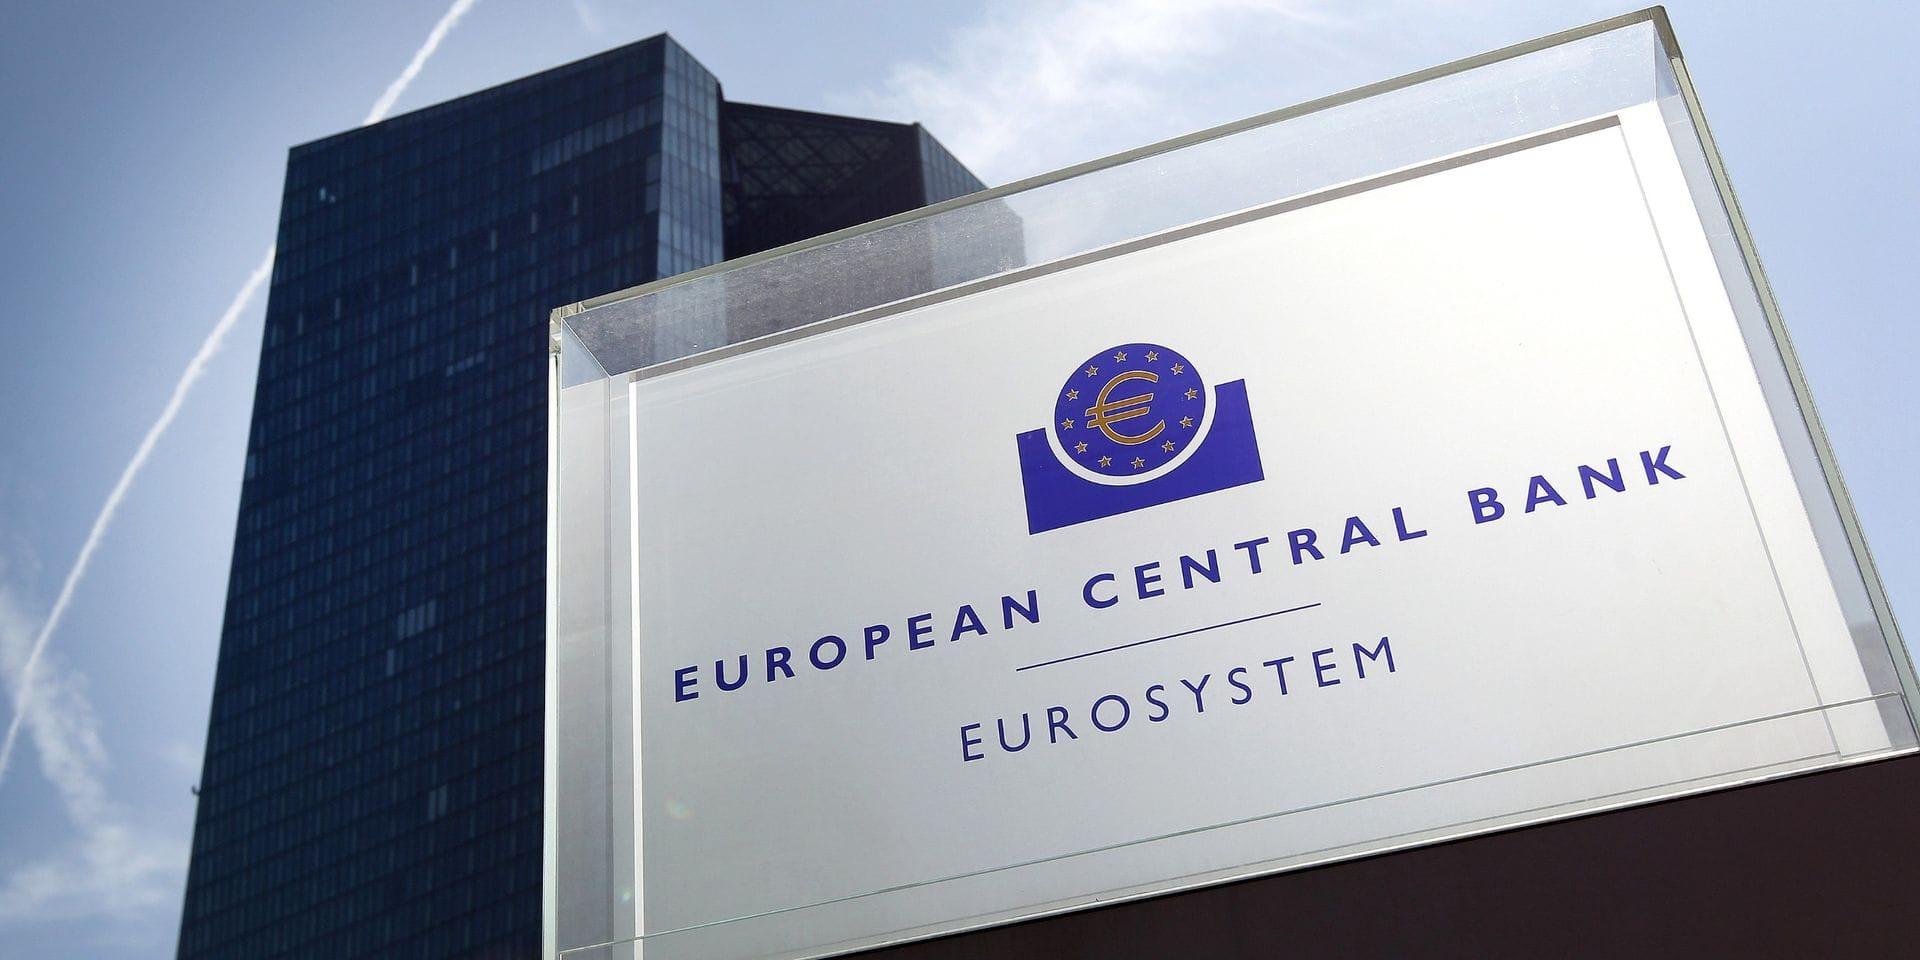 La justice allemande donne trois mois à la BCE pour justifier son programme anti-crise